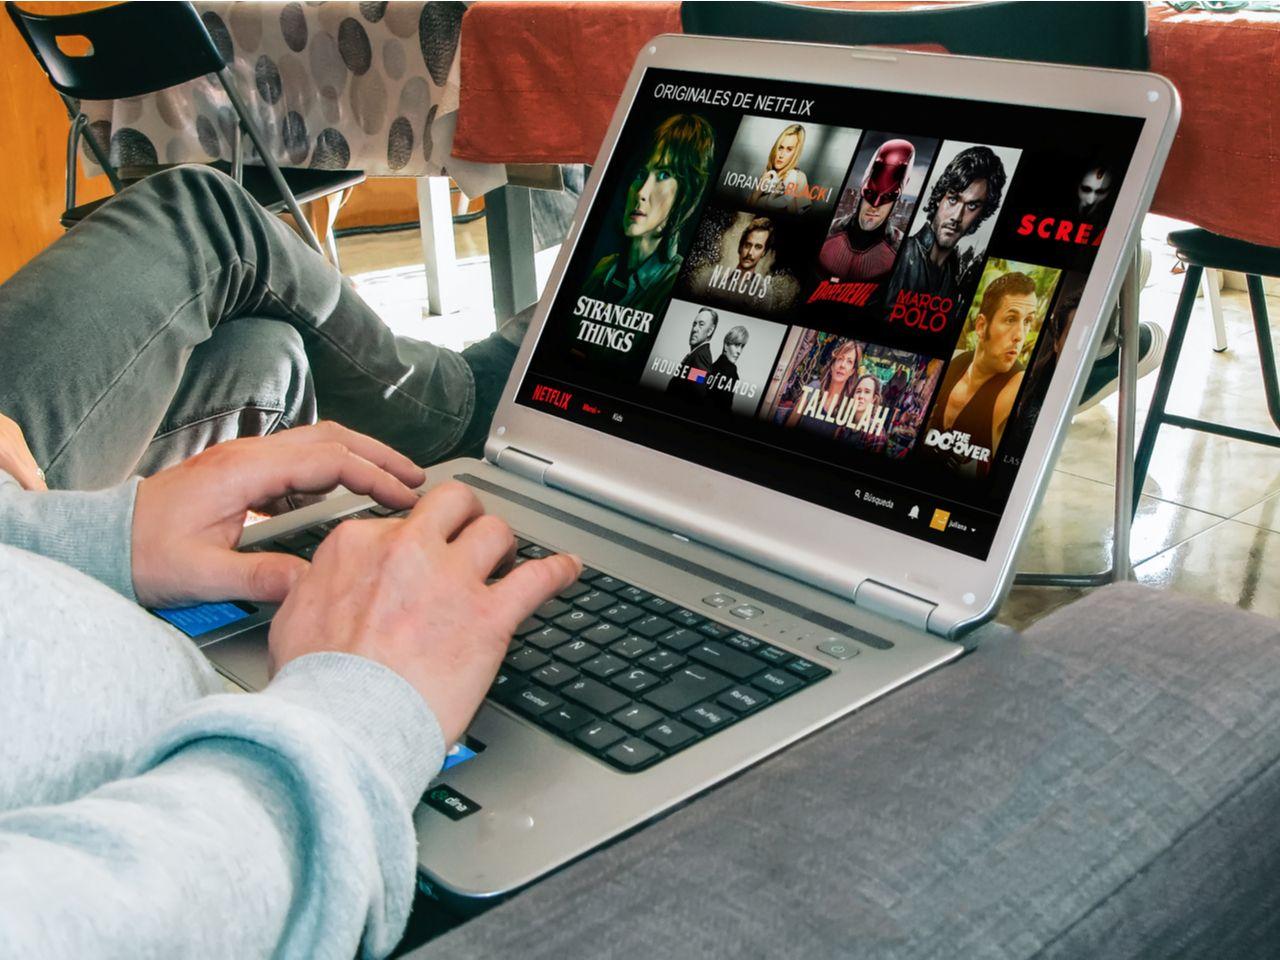 Claves bursátiles del martes: Netflix presenta sus resultados trimestrales